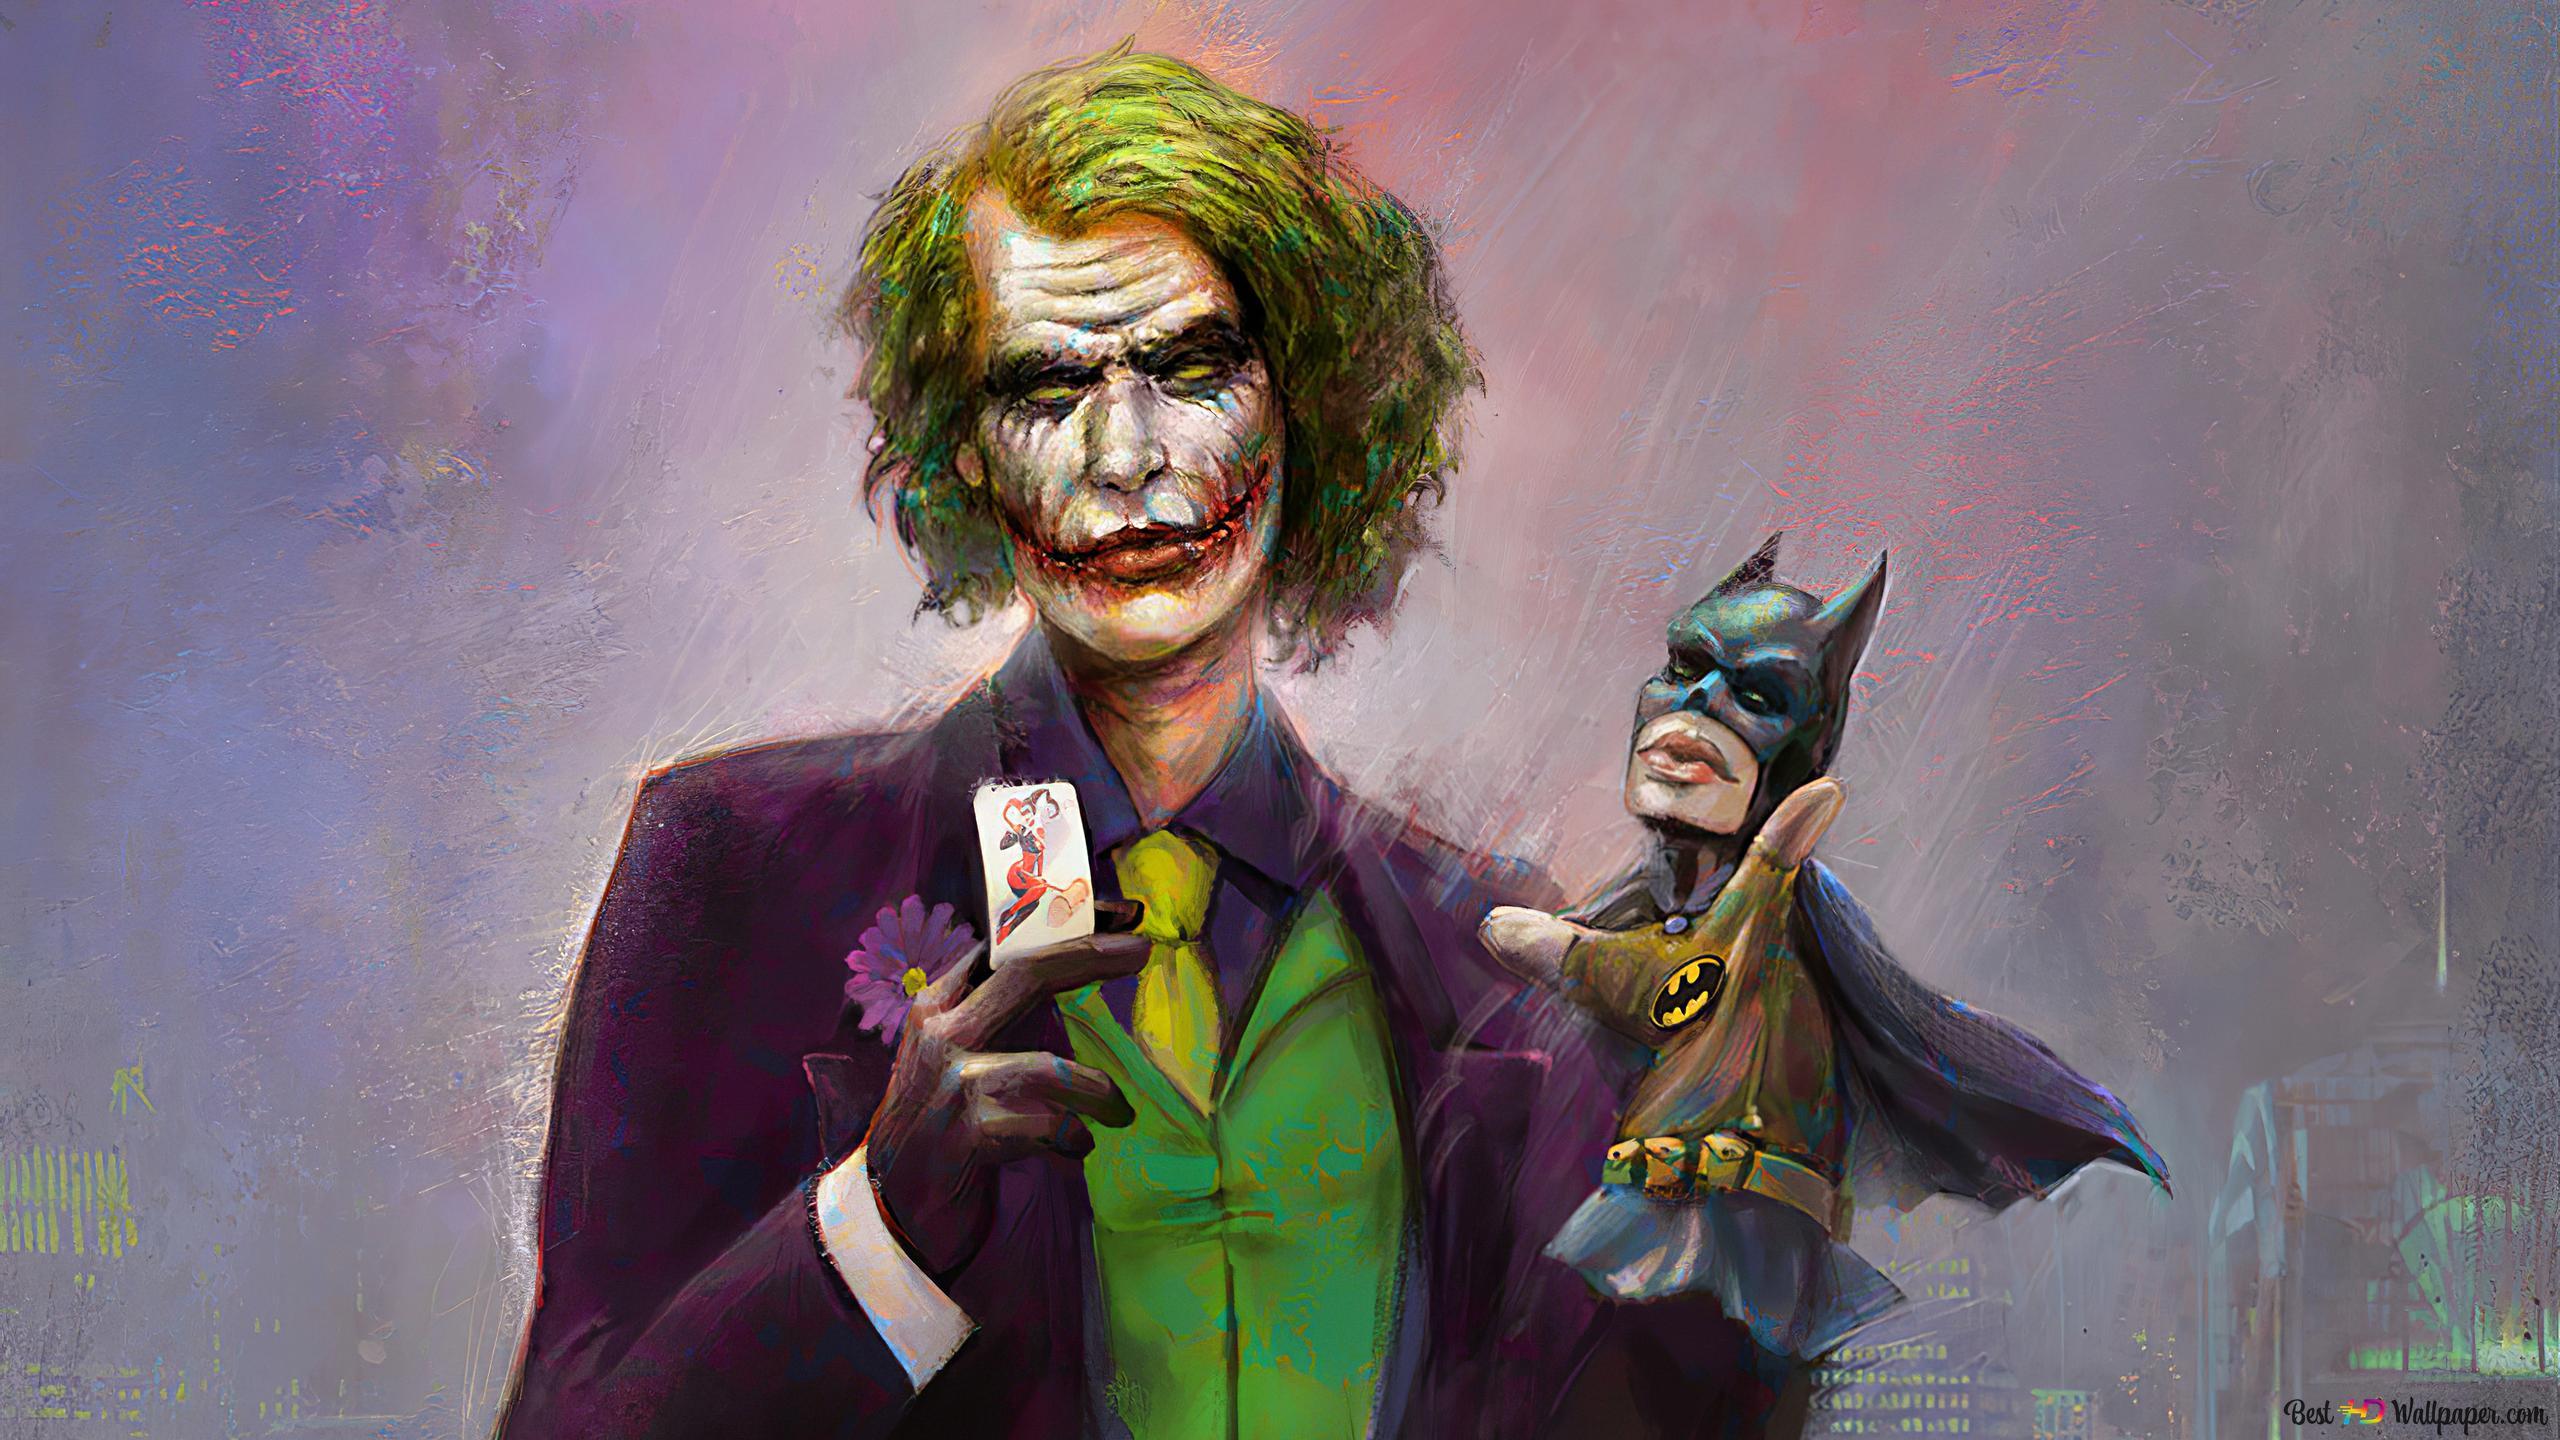 Joker và Batman truyện tranh Tải xuống hình nền HD